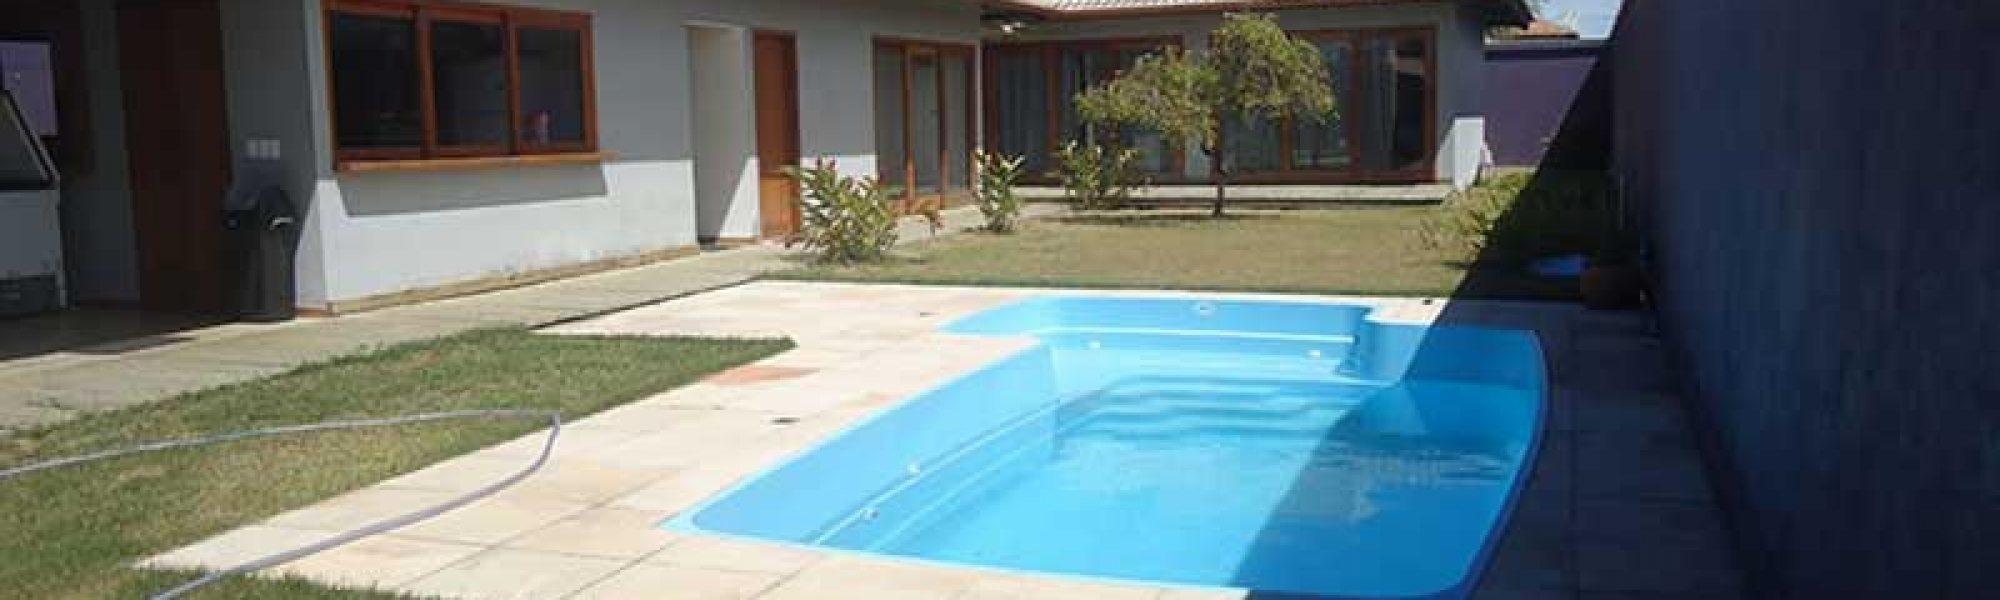 Casa Village, um dos locais paradisíacos para se viver em Porto Seguro!